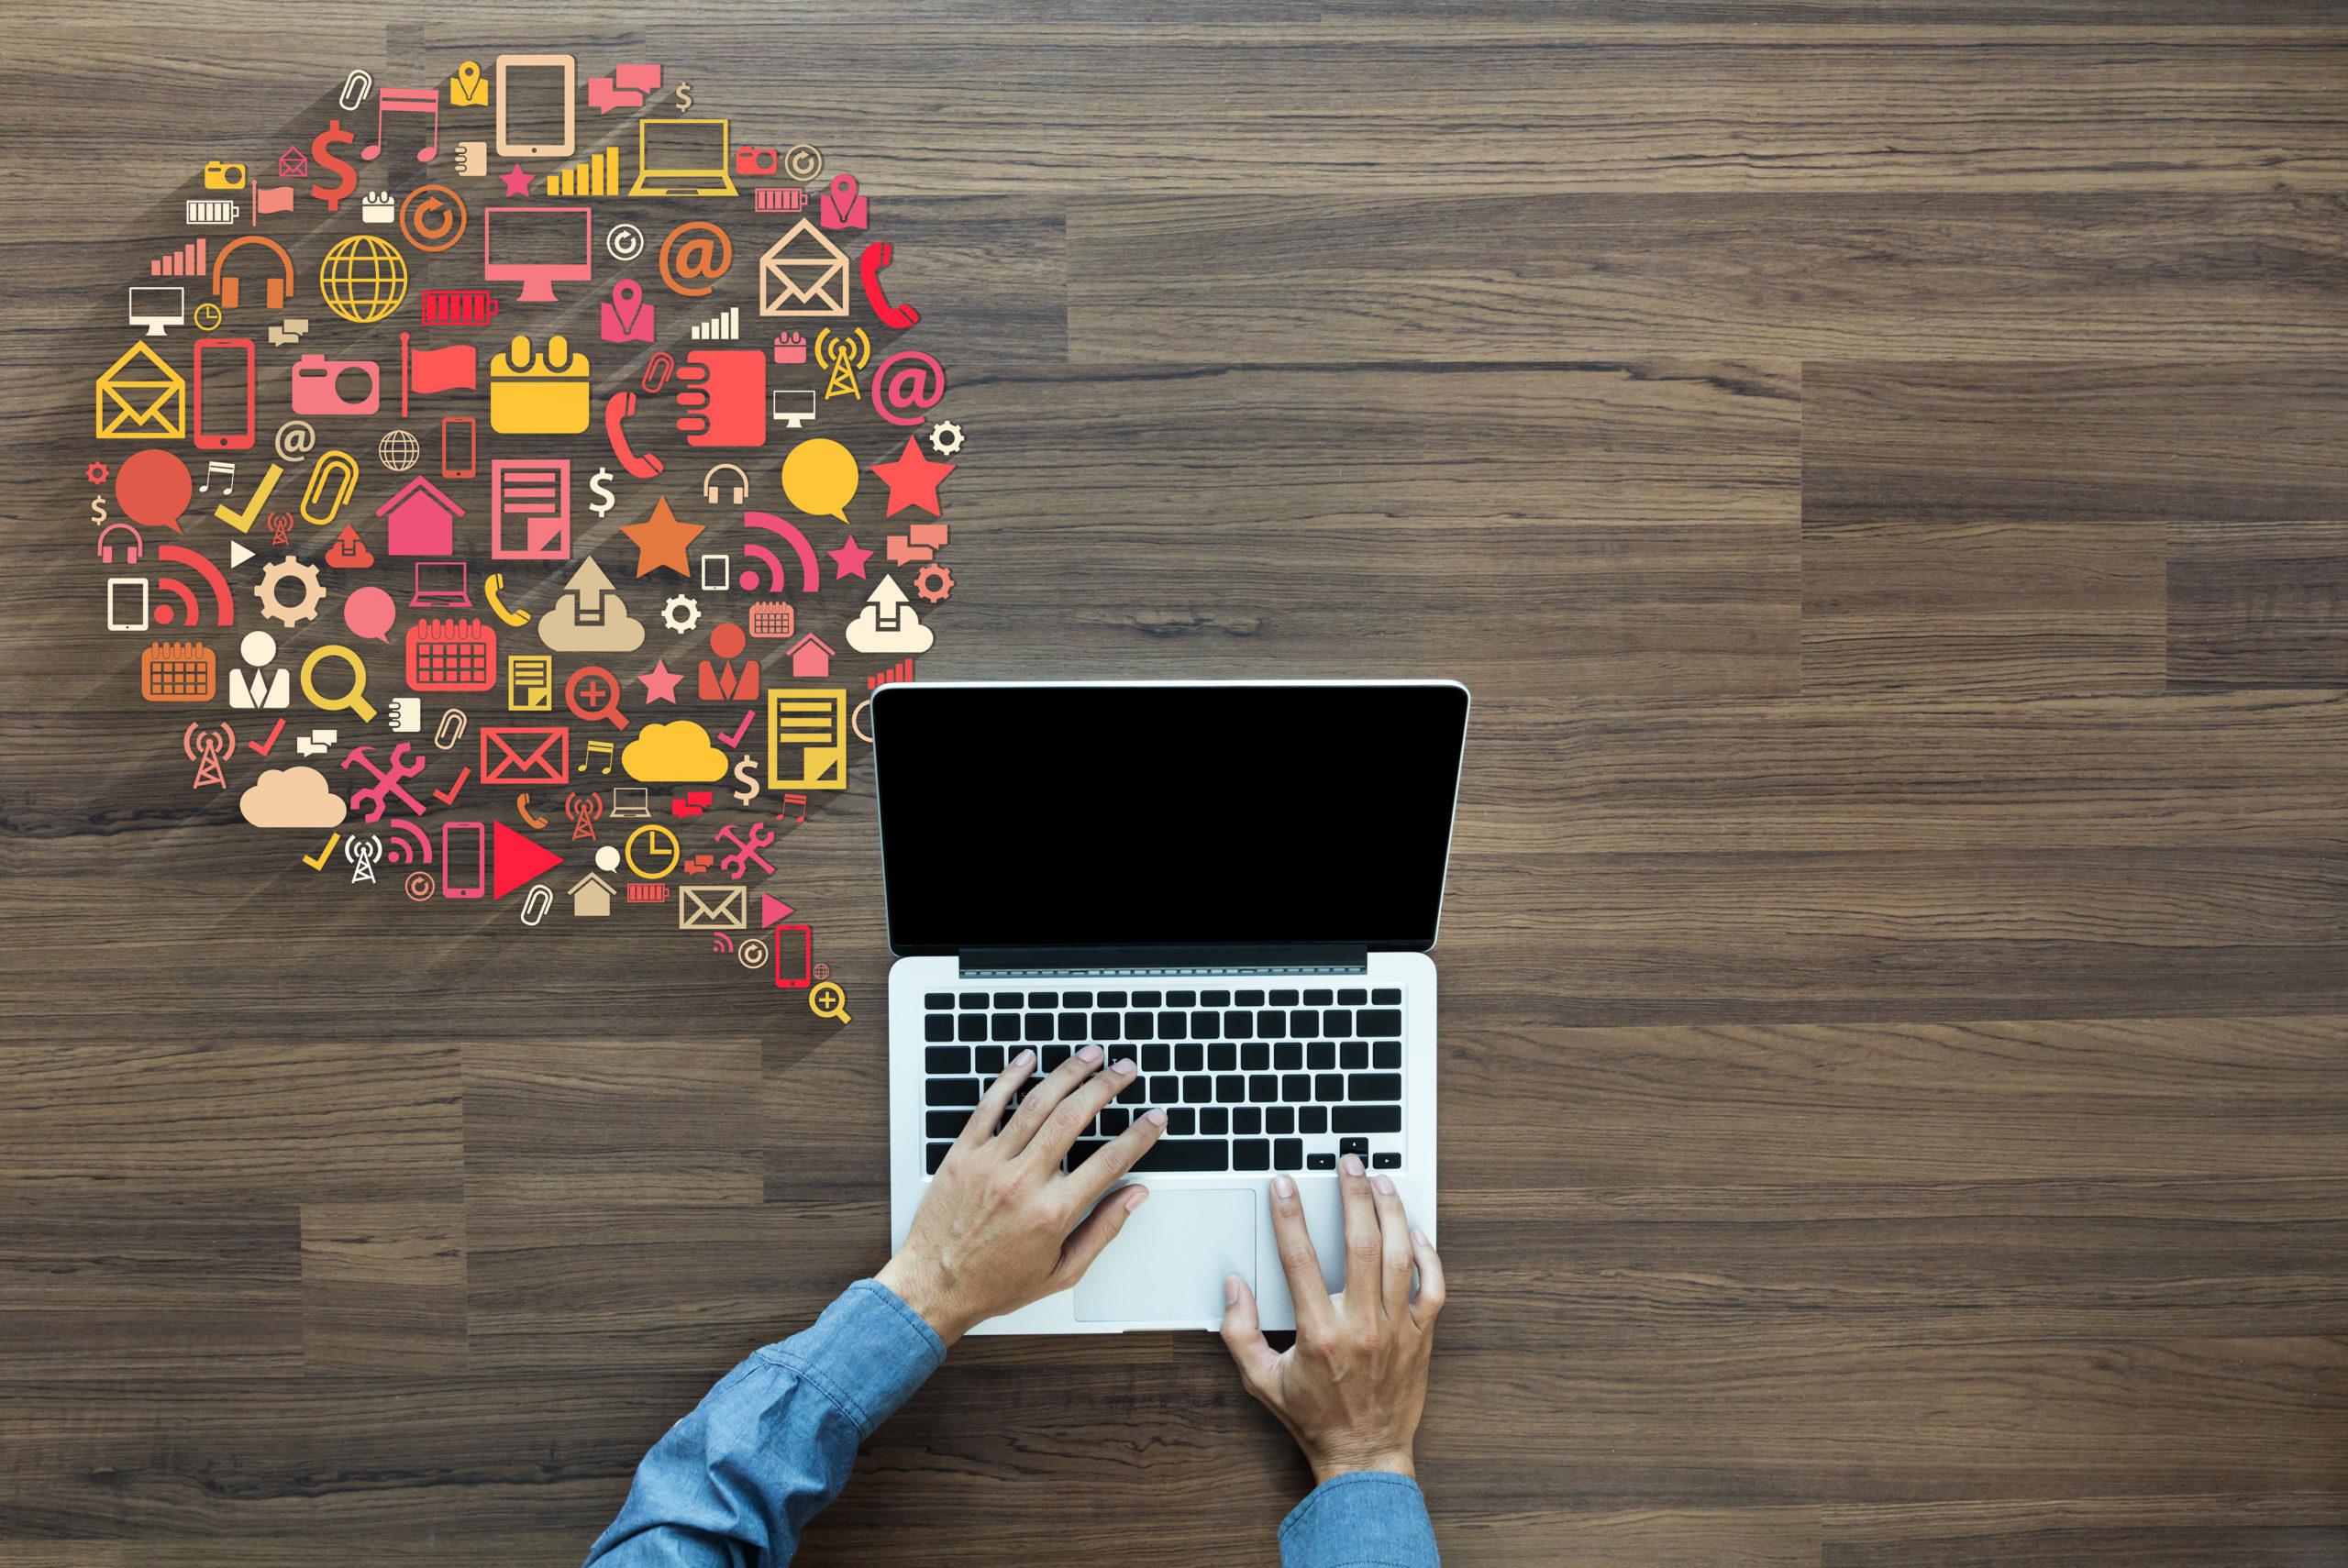 中小企業のwebマーケティング活用!マーケティングリサーチとしてのオンライン広告